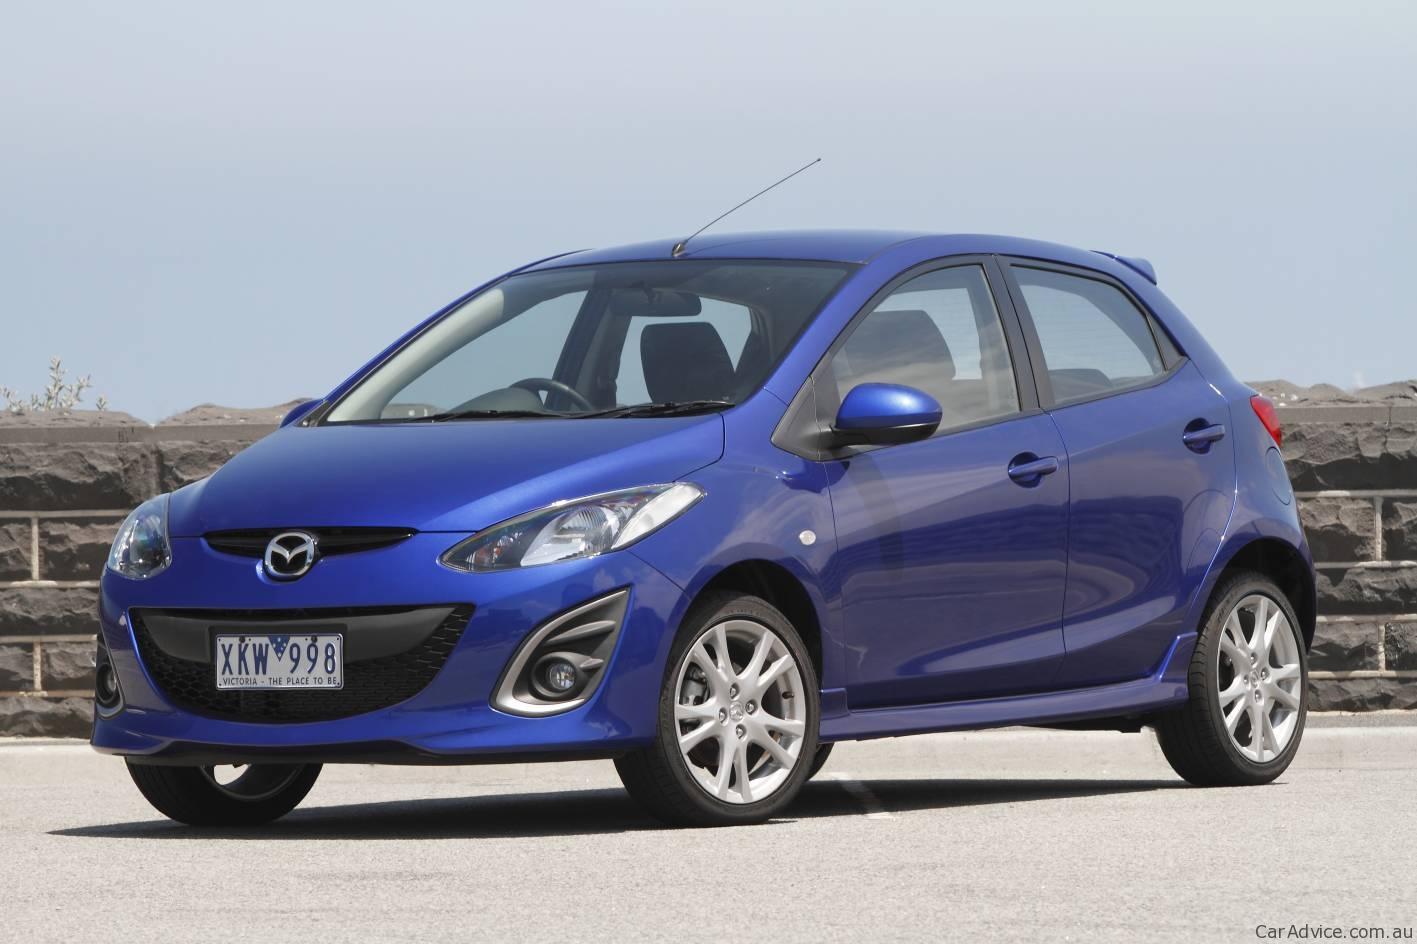 Kelebihan Kekurangan Mazda 2 2010 Perbandingan Harga